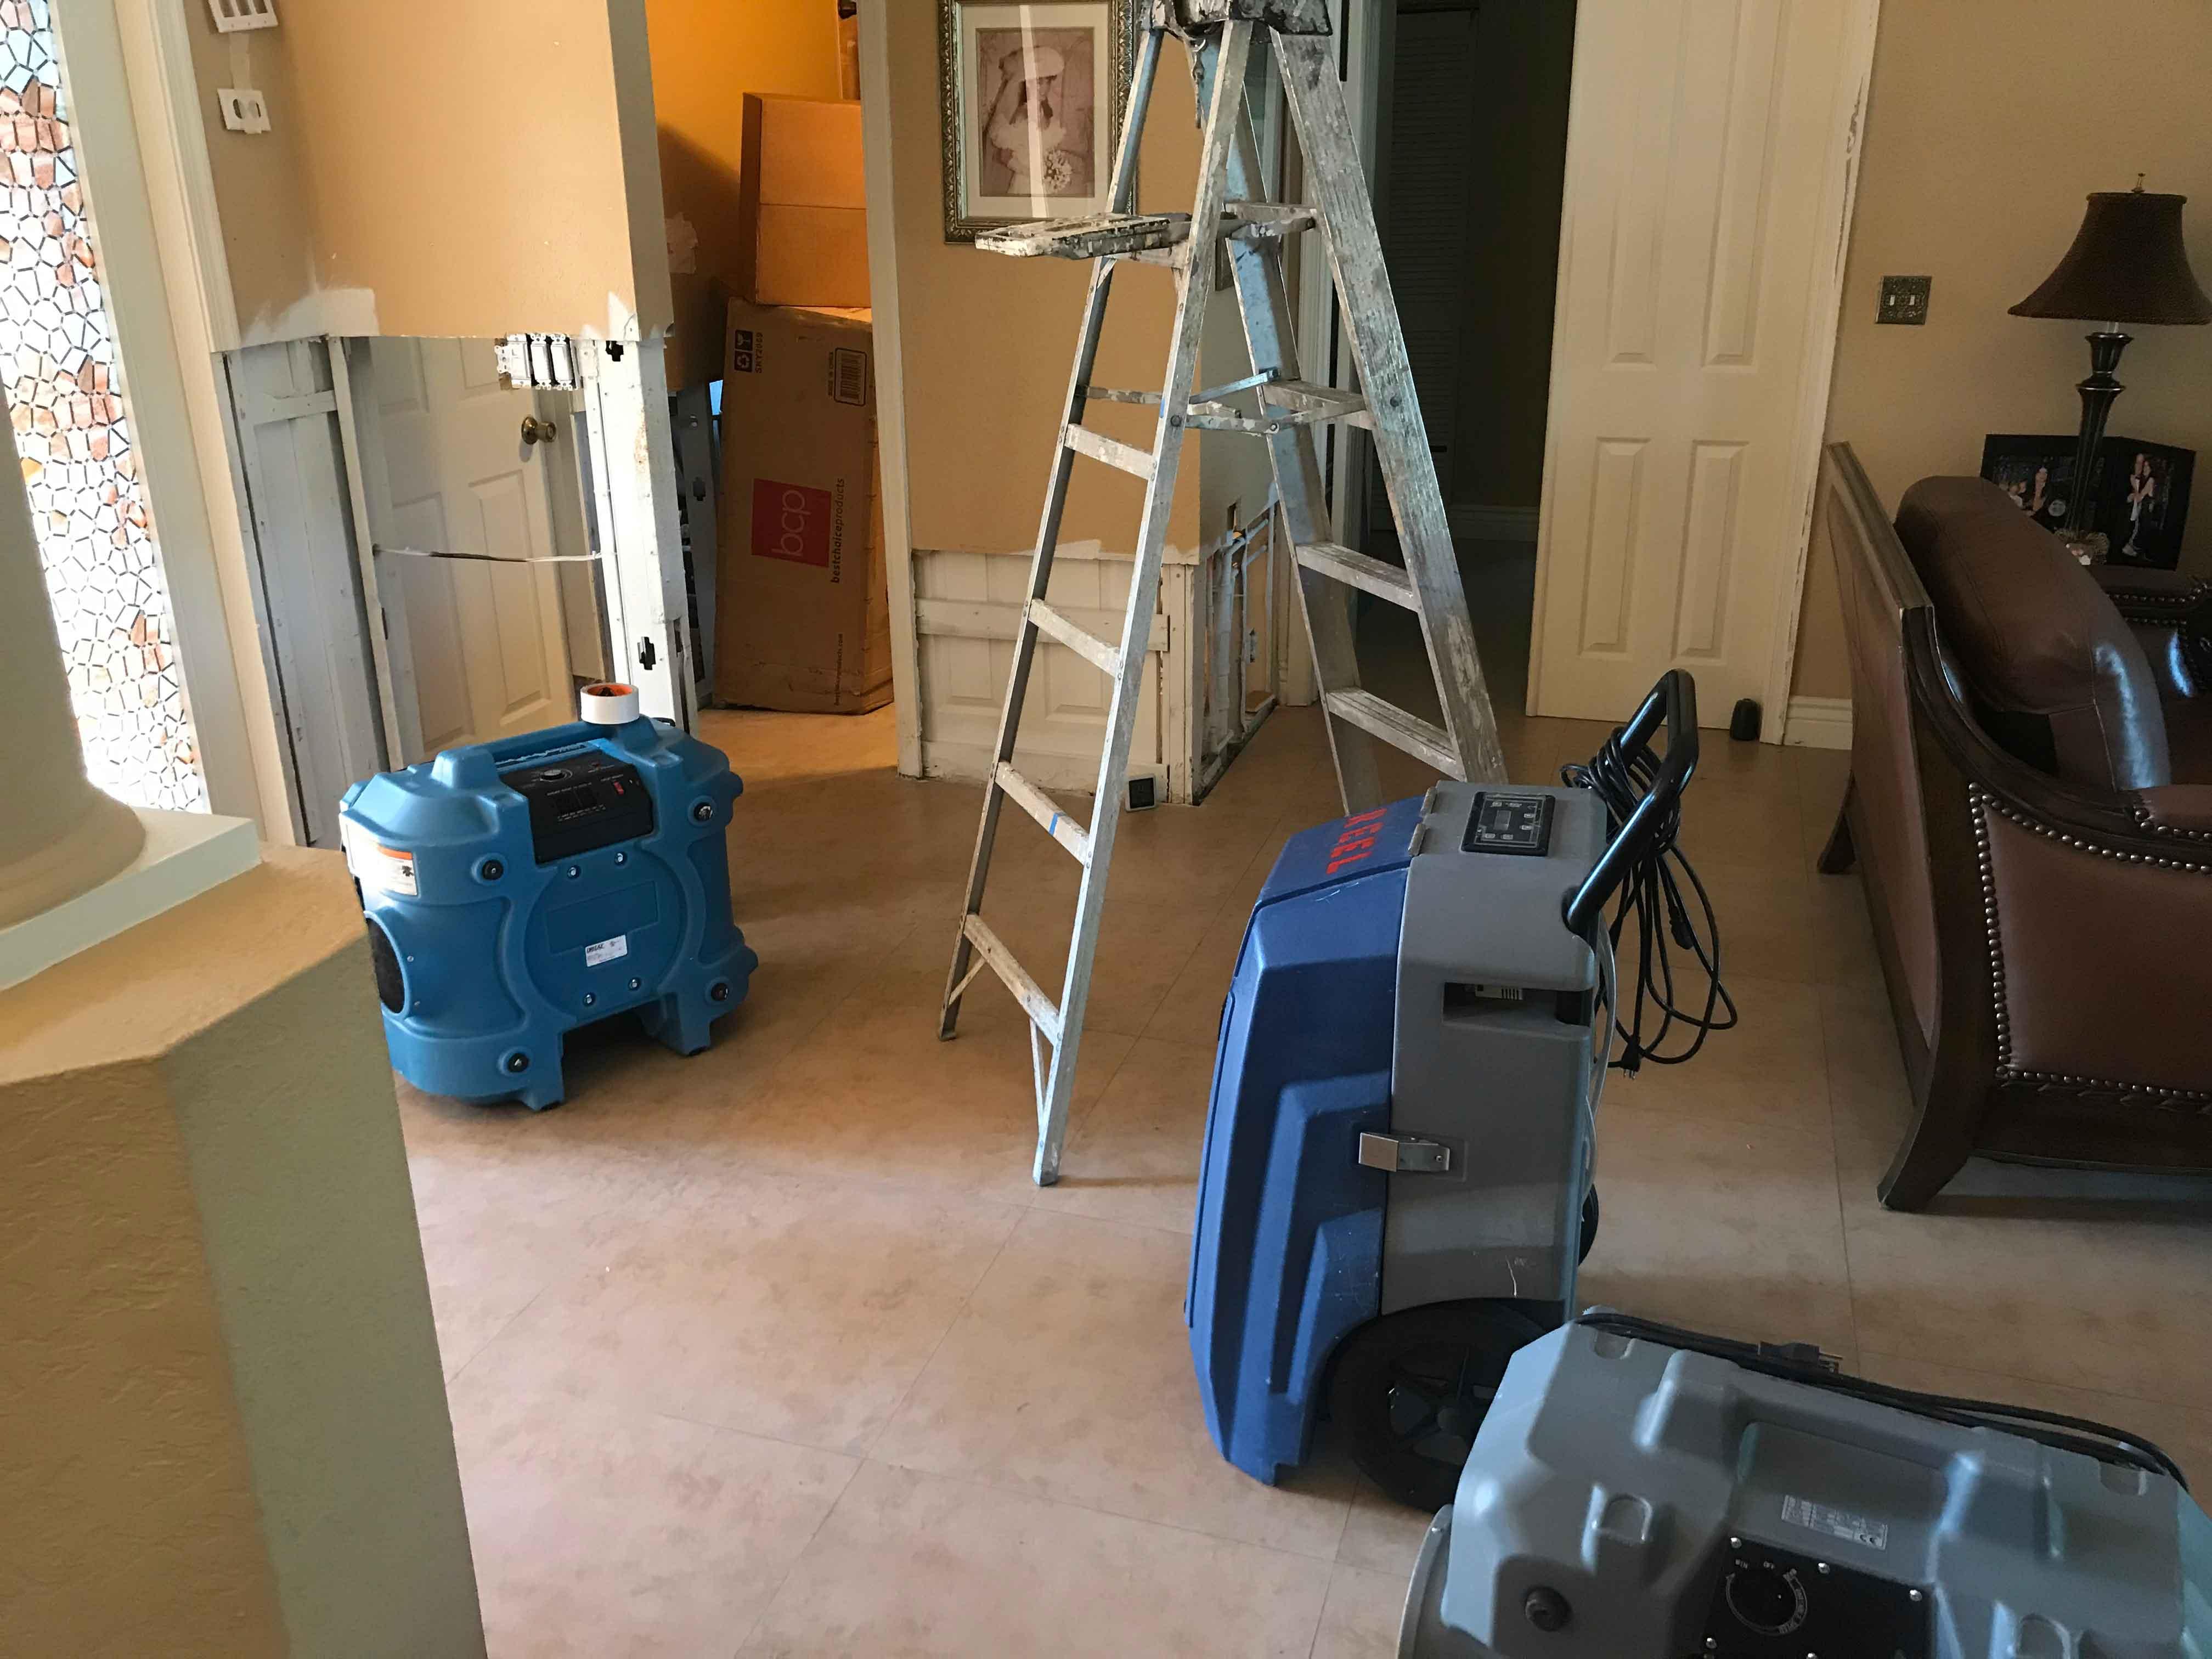 Reel-Contractors-Equipment-Humidifier-experts-water-restoration-Pembroke-Pines-Fl-Company